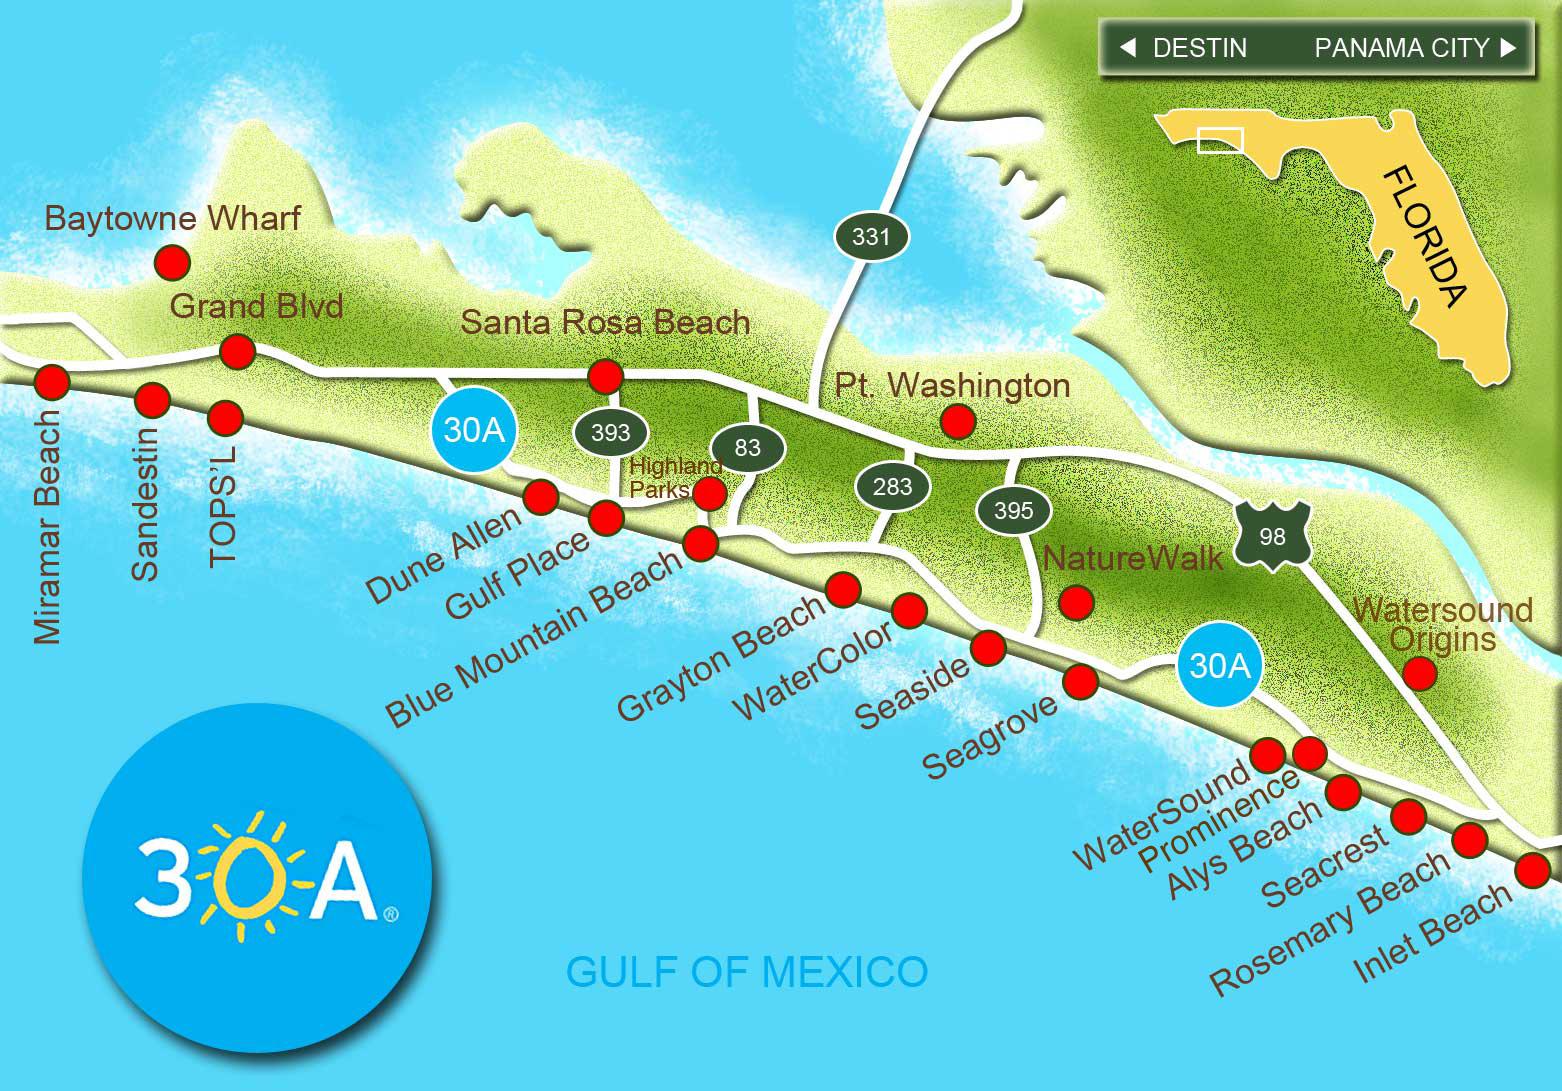 Panama City Florida Map - Panama City And Destin Florida Map